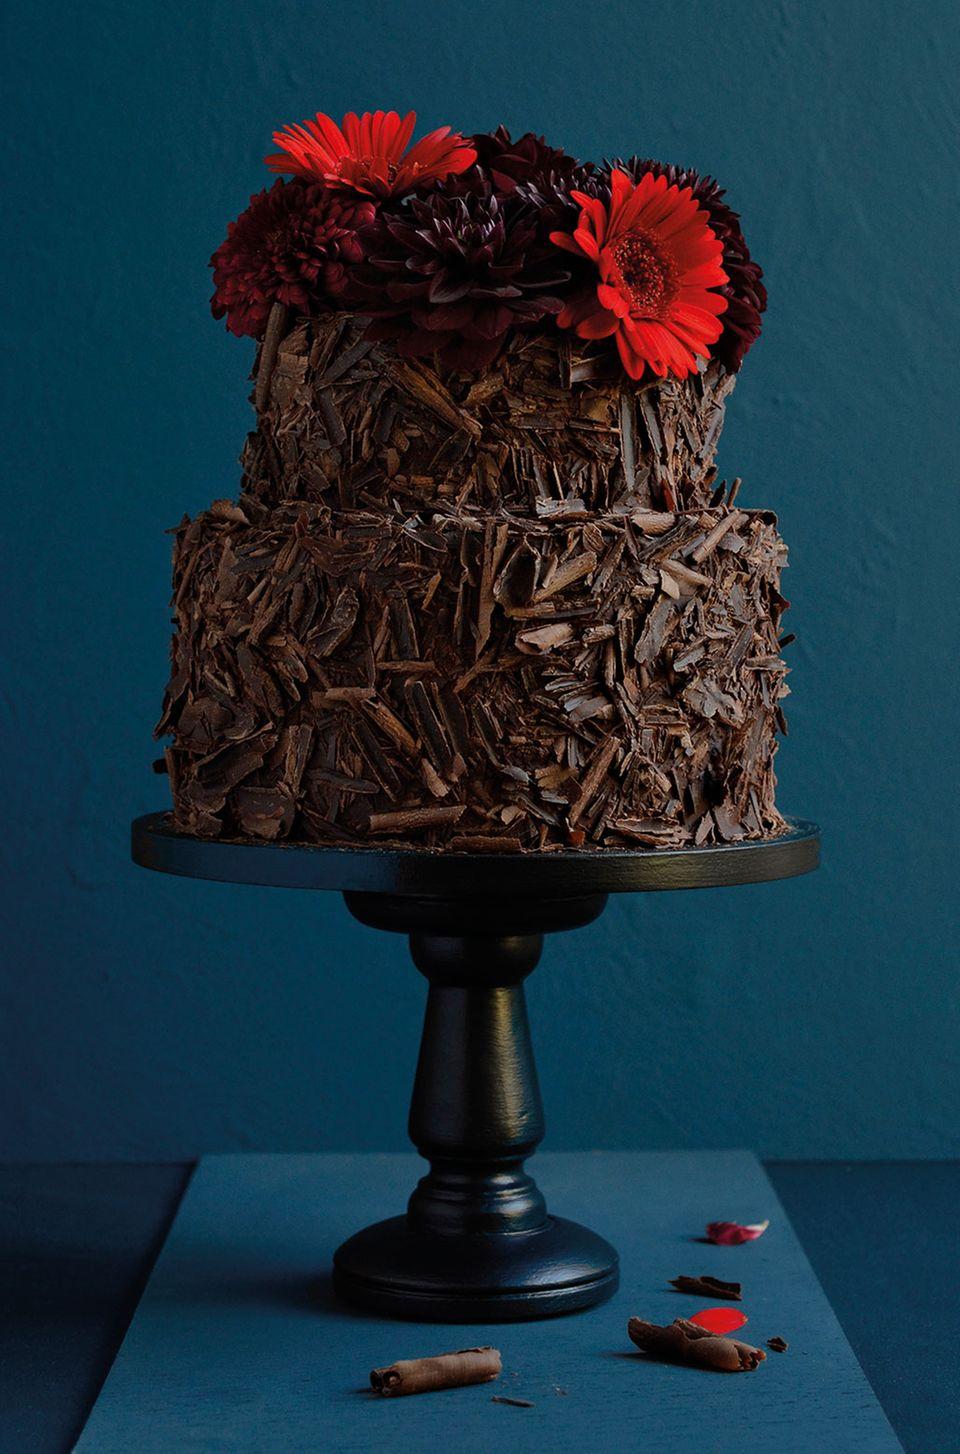 Diese Schokoladentorte mit Schokoraspeln zieren Blumen in leuchtend dunkelroten Nuancen